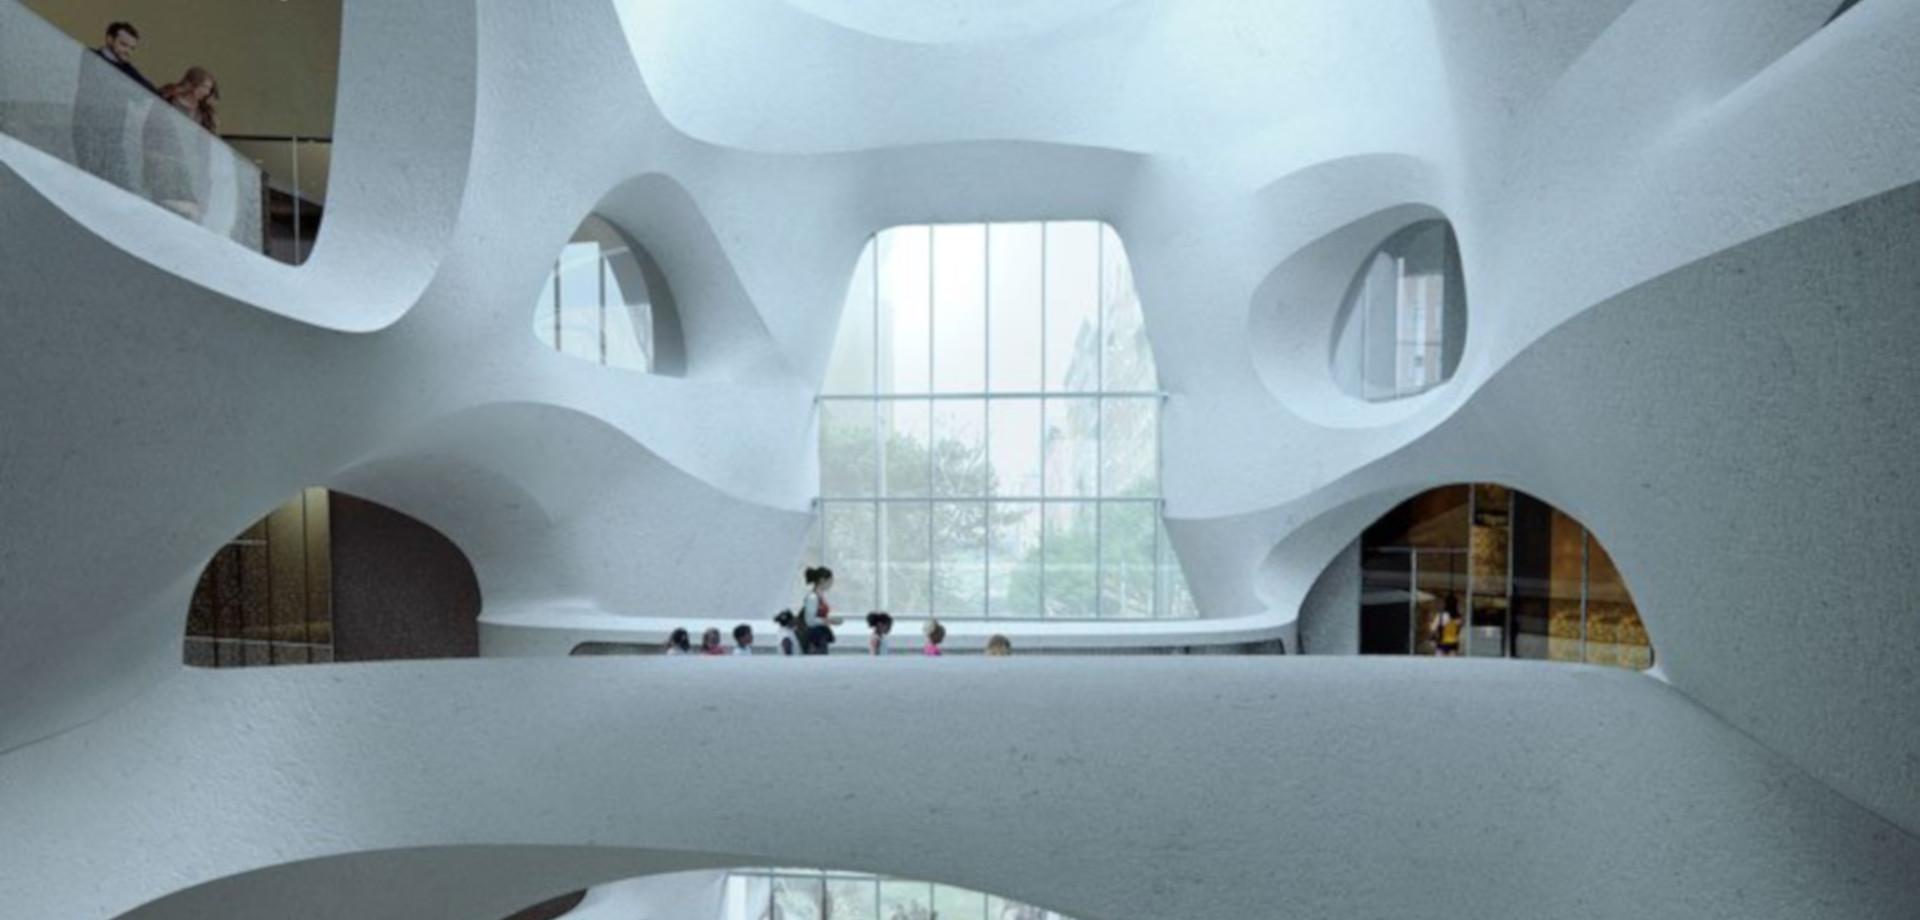 Αμερικανικό Μουσείο Φυσικής Ιστορίας της Νέας Υόρκης